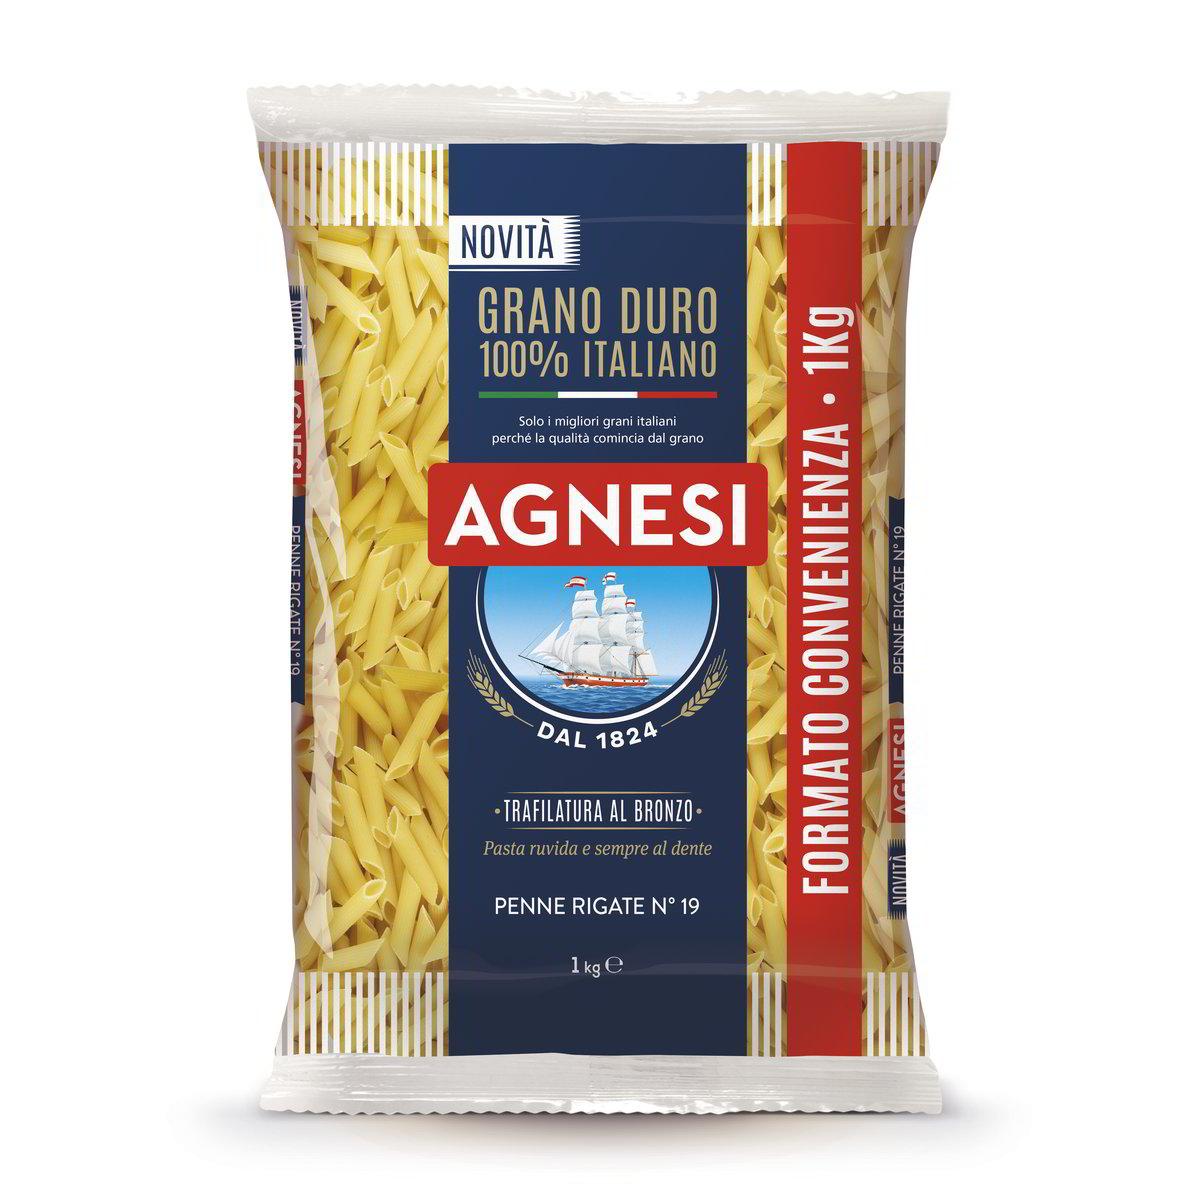 Agnesi Penne Rigate 100% Italia